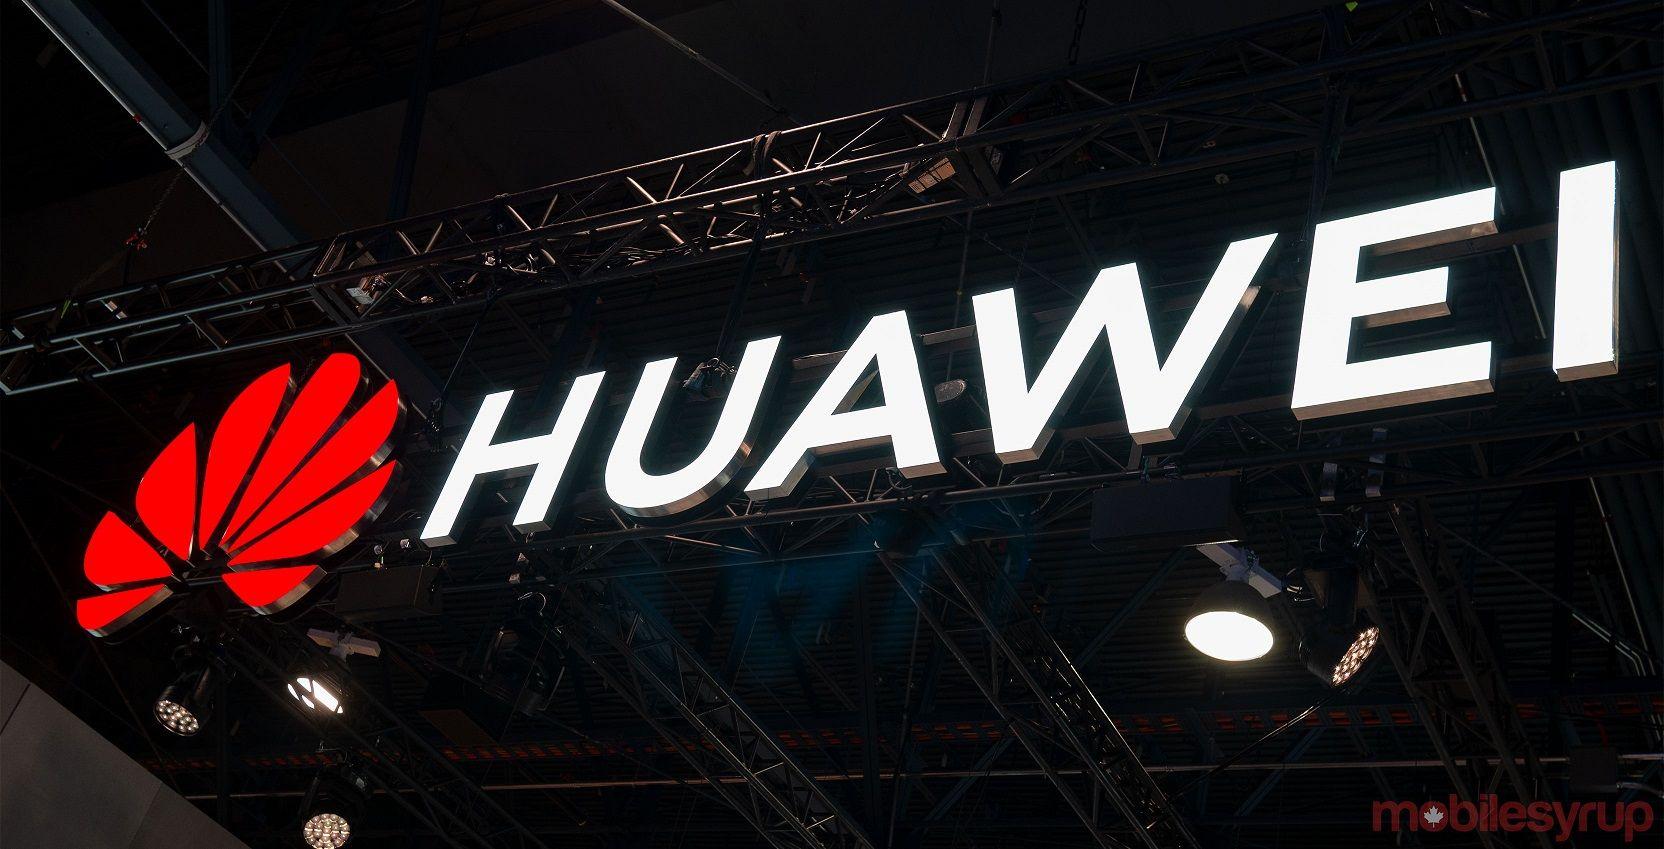 台湾TSMCが9月14日以降、継続してHuaweiへ供給する予定はないと発言